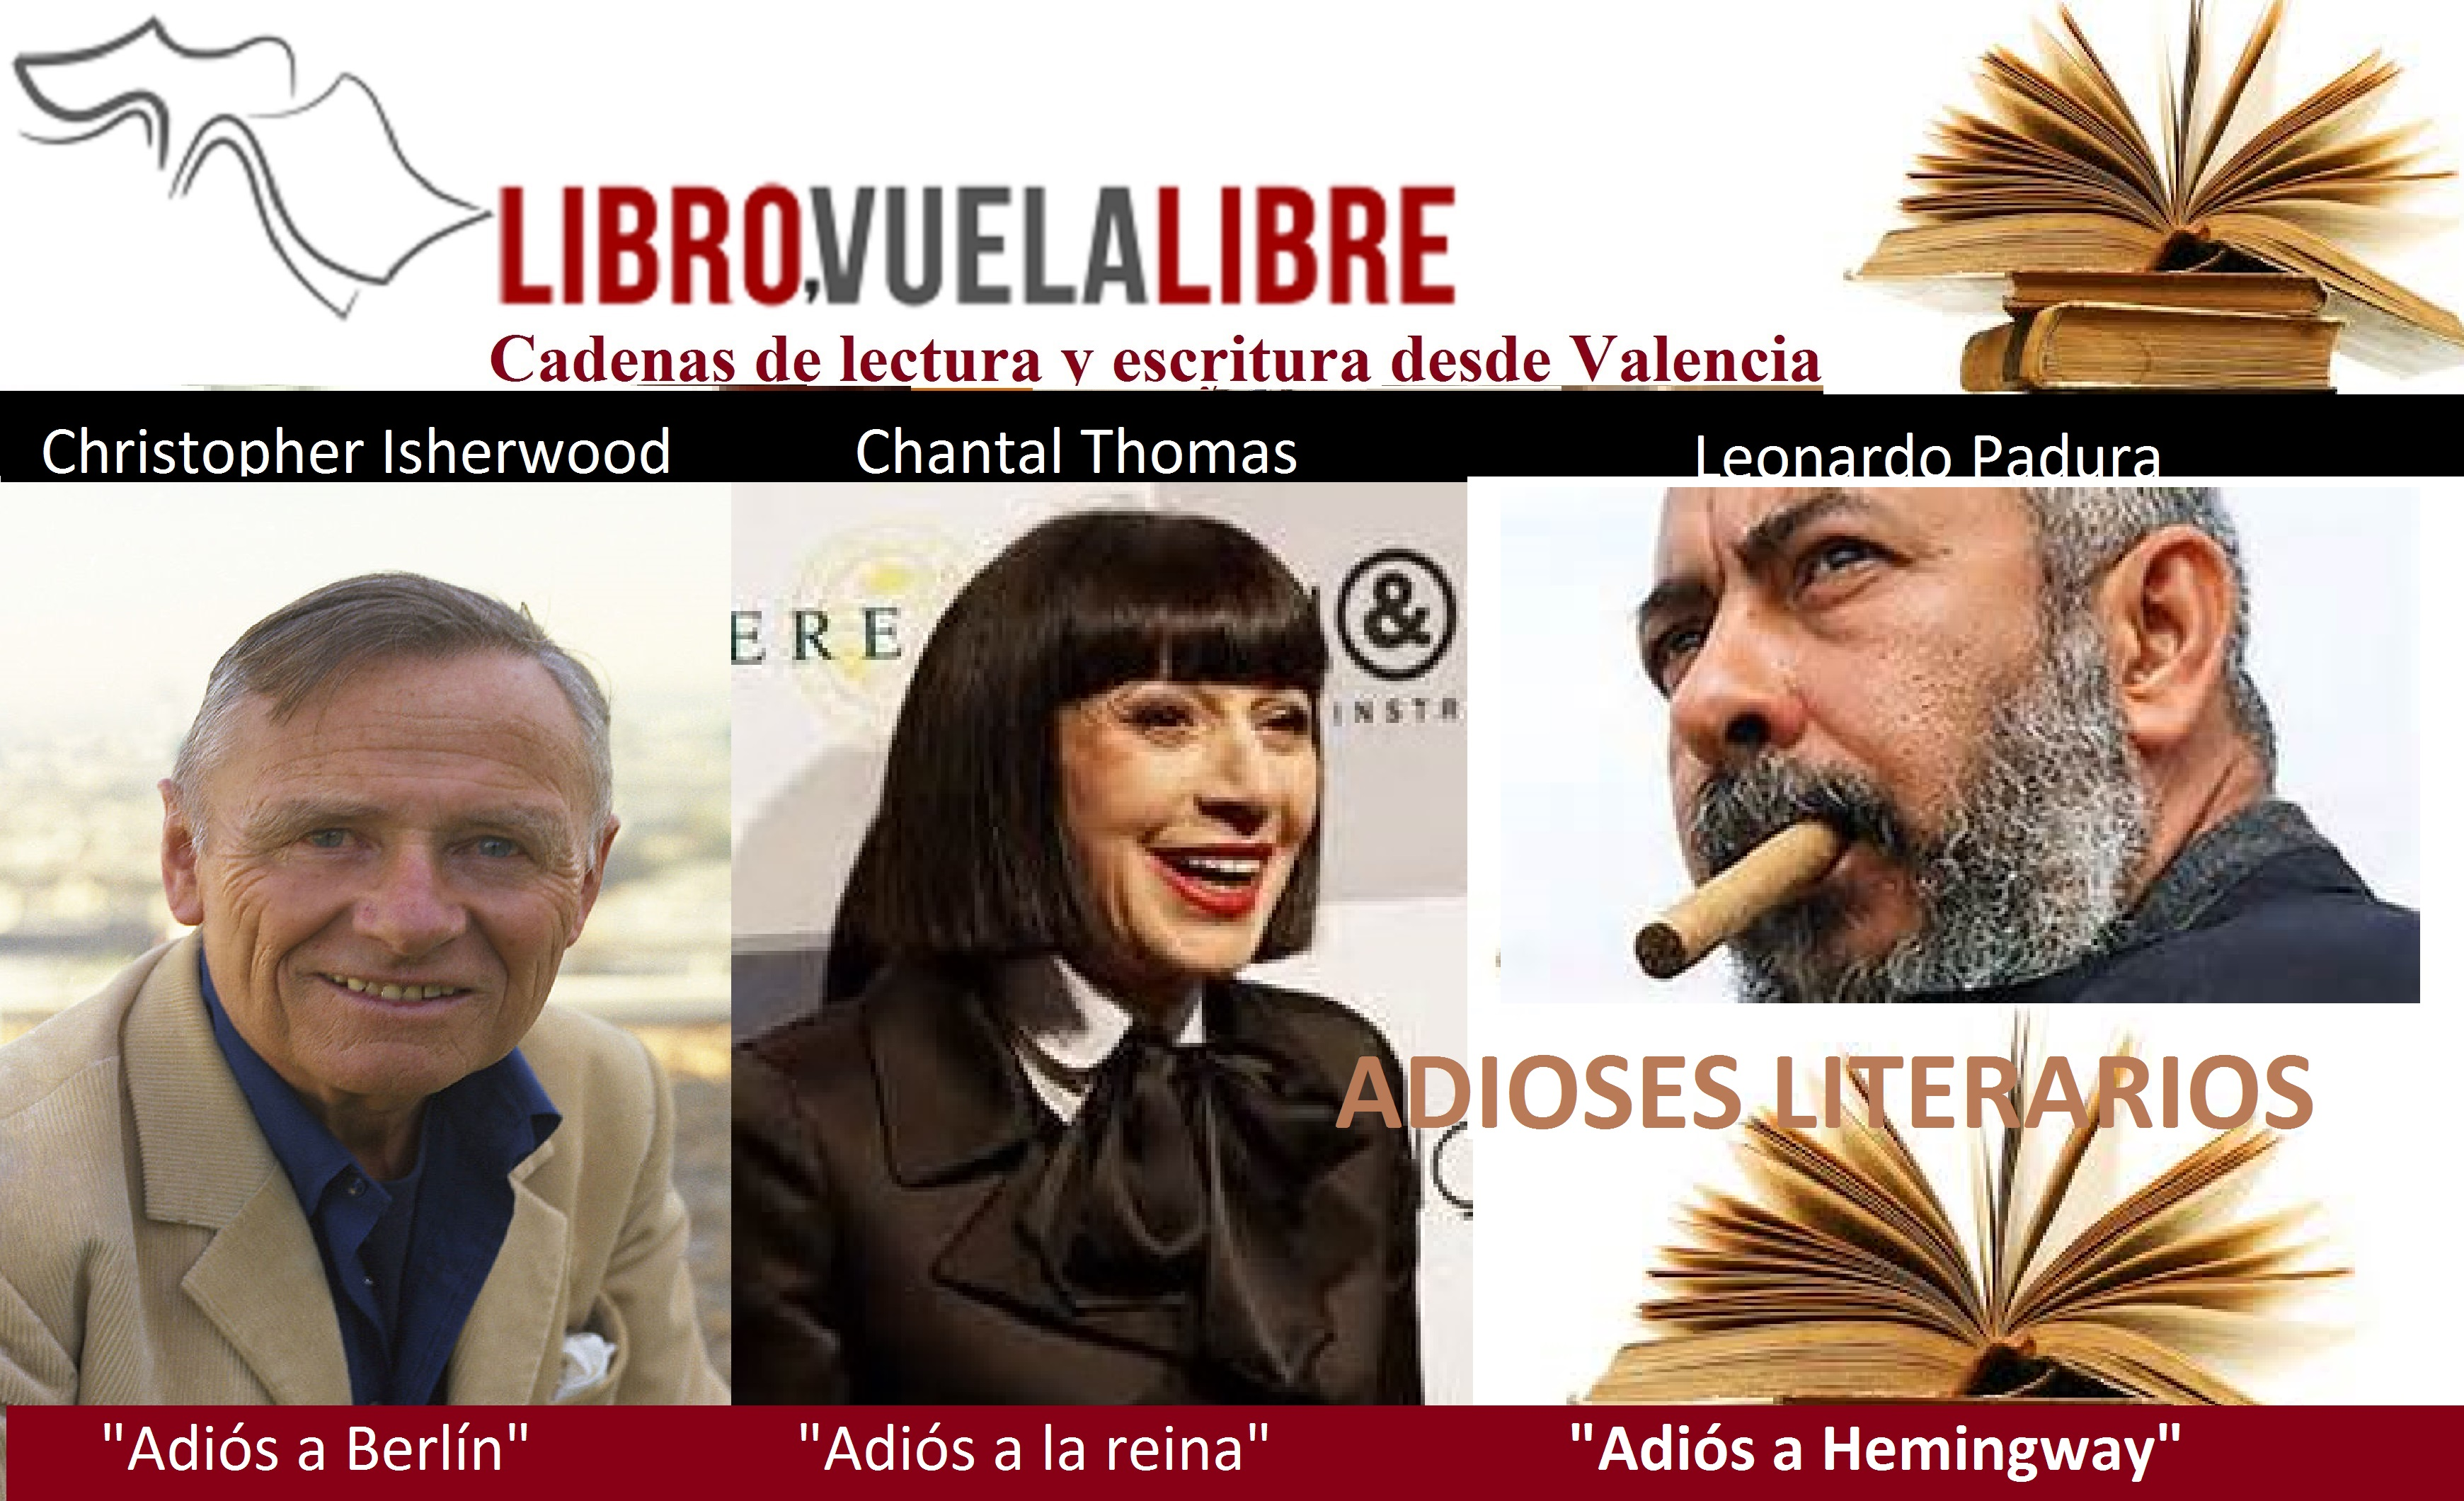 """ADIOSES LITERARIOS. Taller de escritura en Valencia y cadenas de lectura de """"Libro, vuela libre"""""""